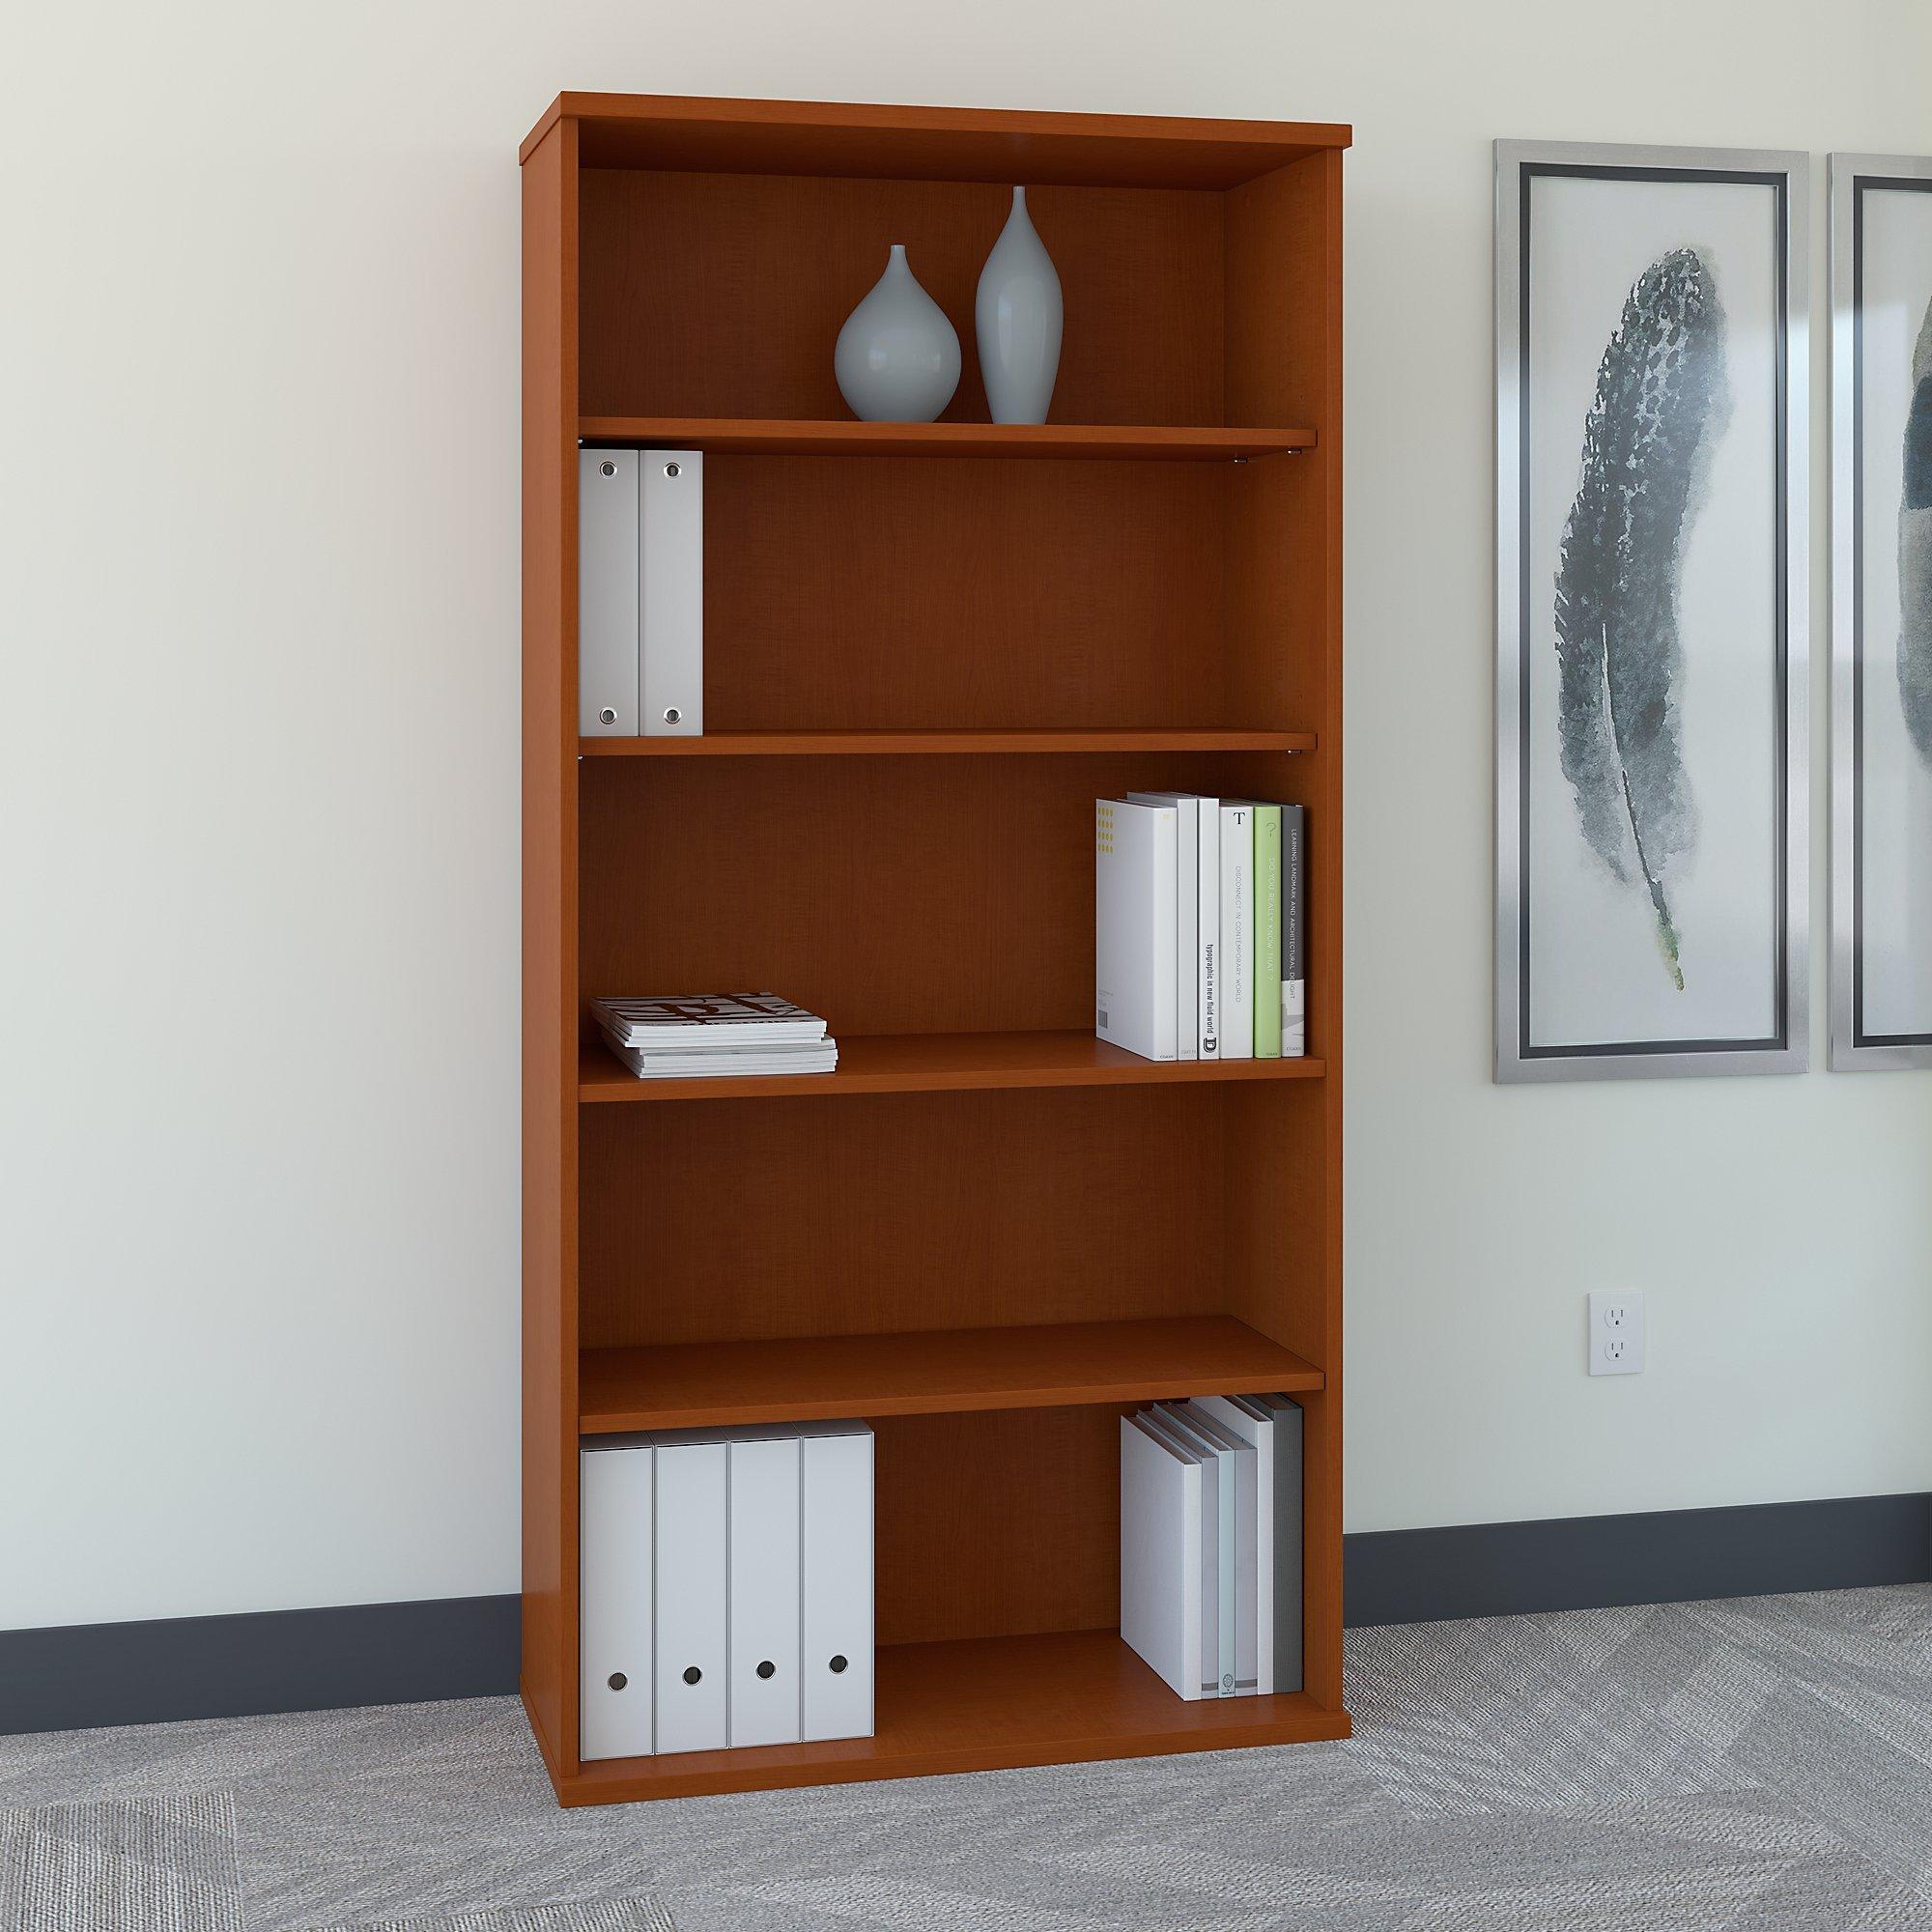 Bush Business Furniture Series C 36W 5 Shelf Bookcase in Auburn Maple by Bush Business Furniture